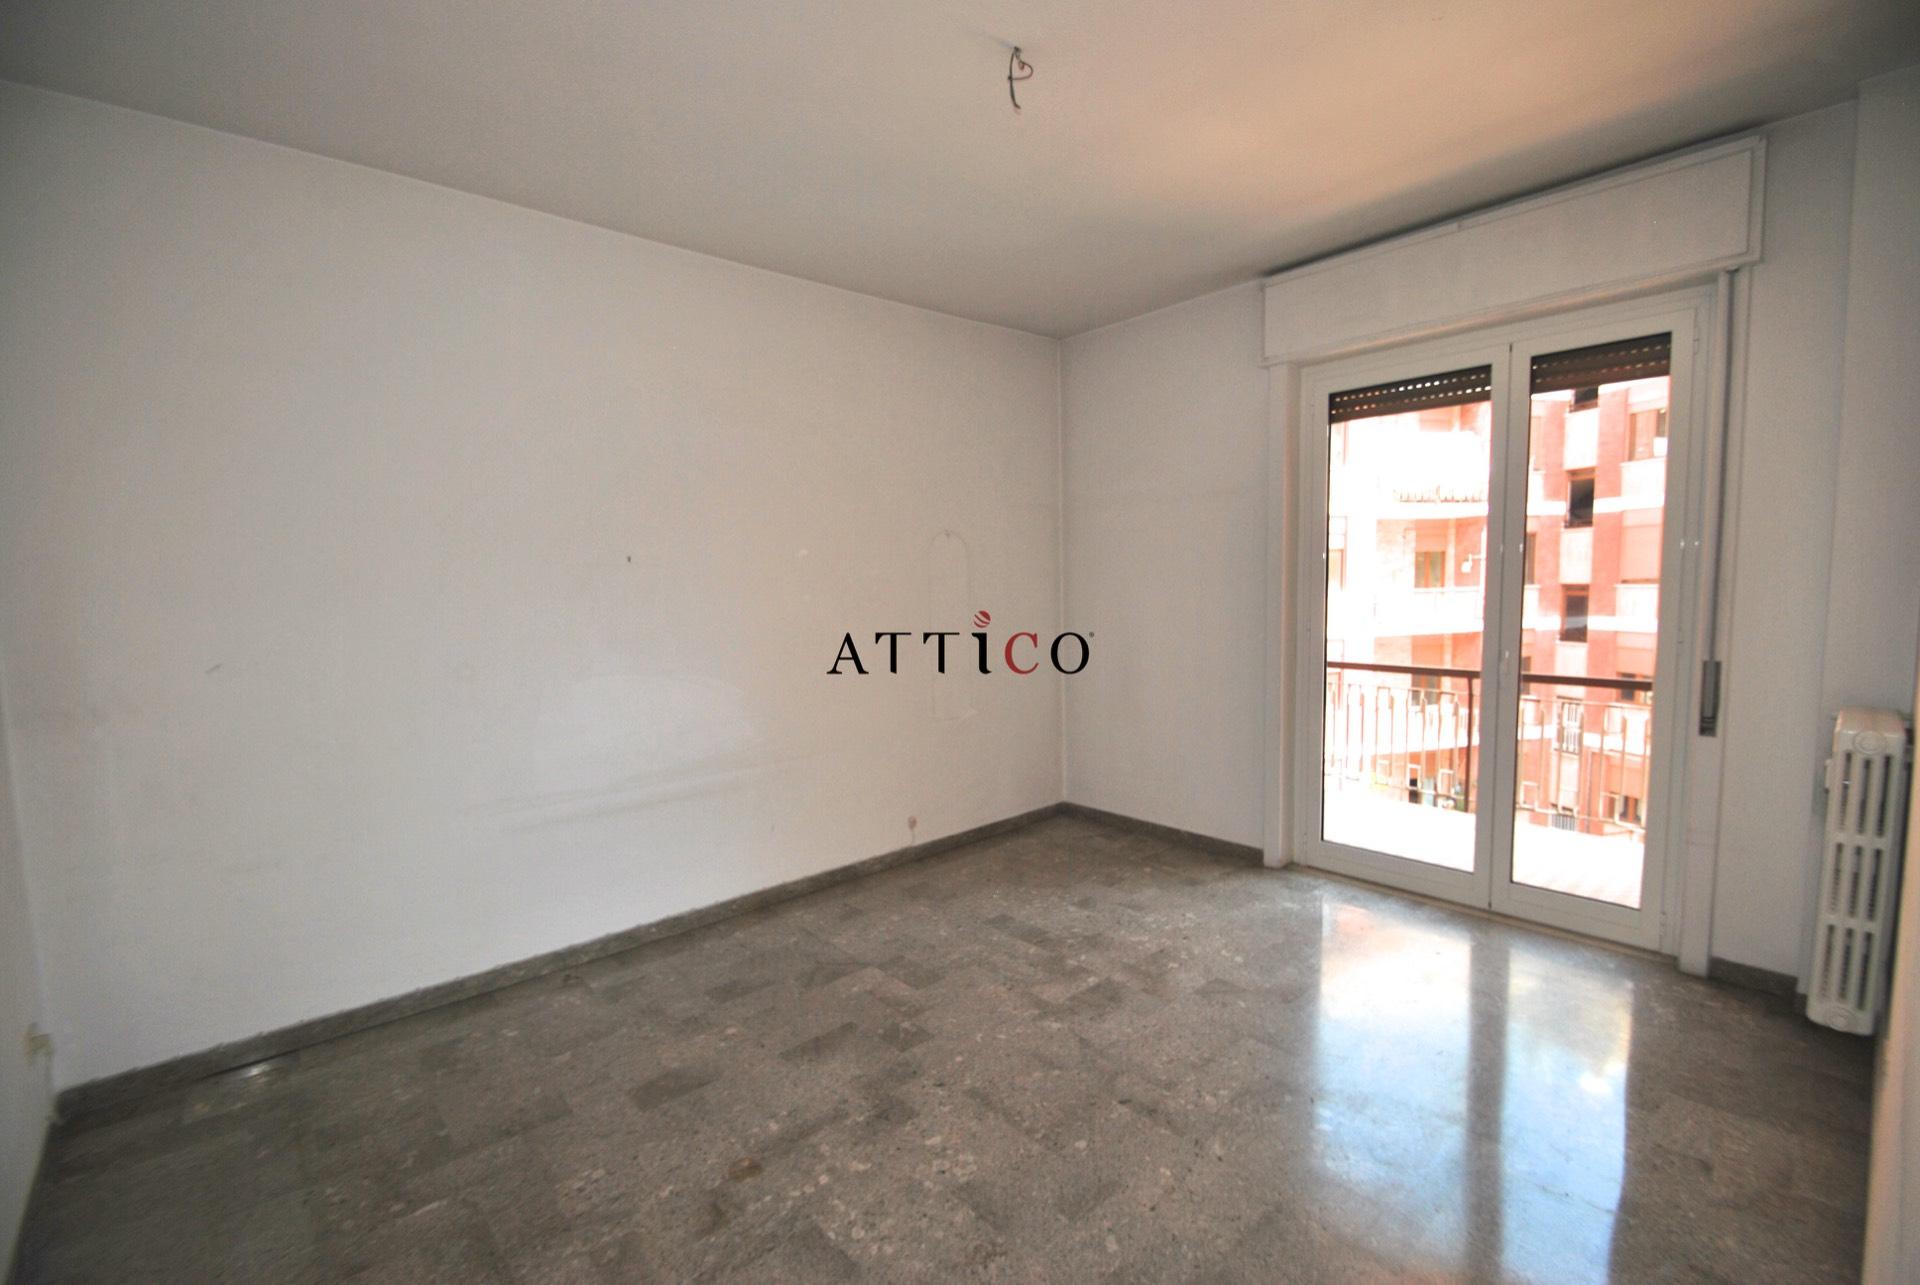 Appartamento in vendita a Avellino, 3 locali, zona Zona: Centro, Trattative riservate | CambioCasa.it